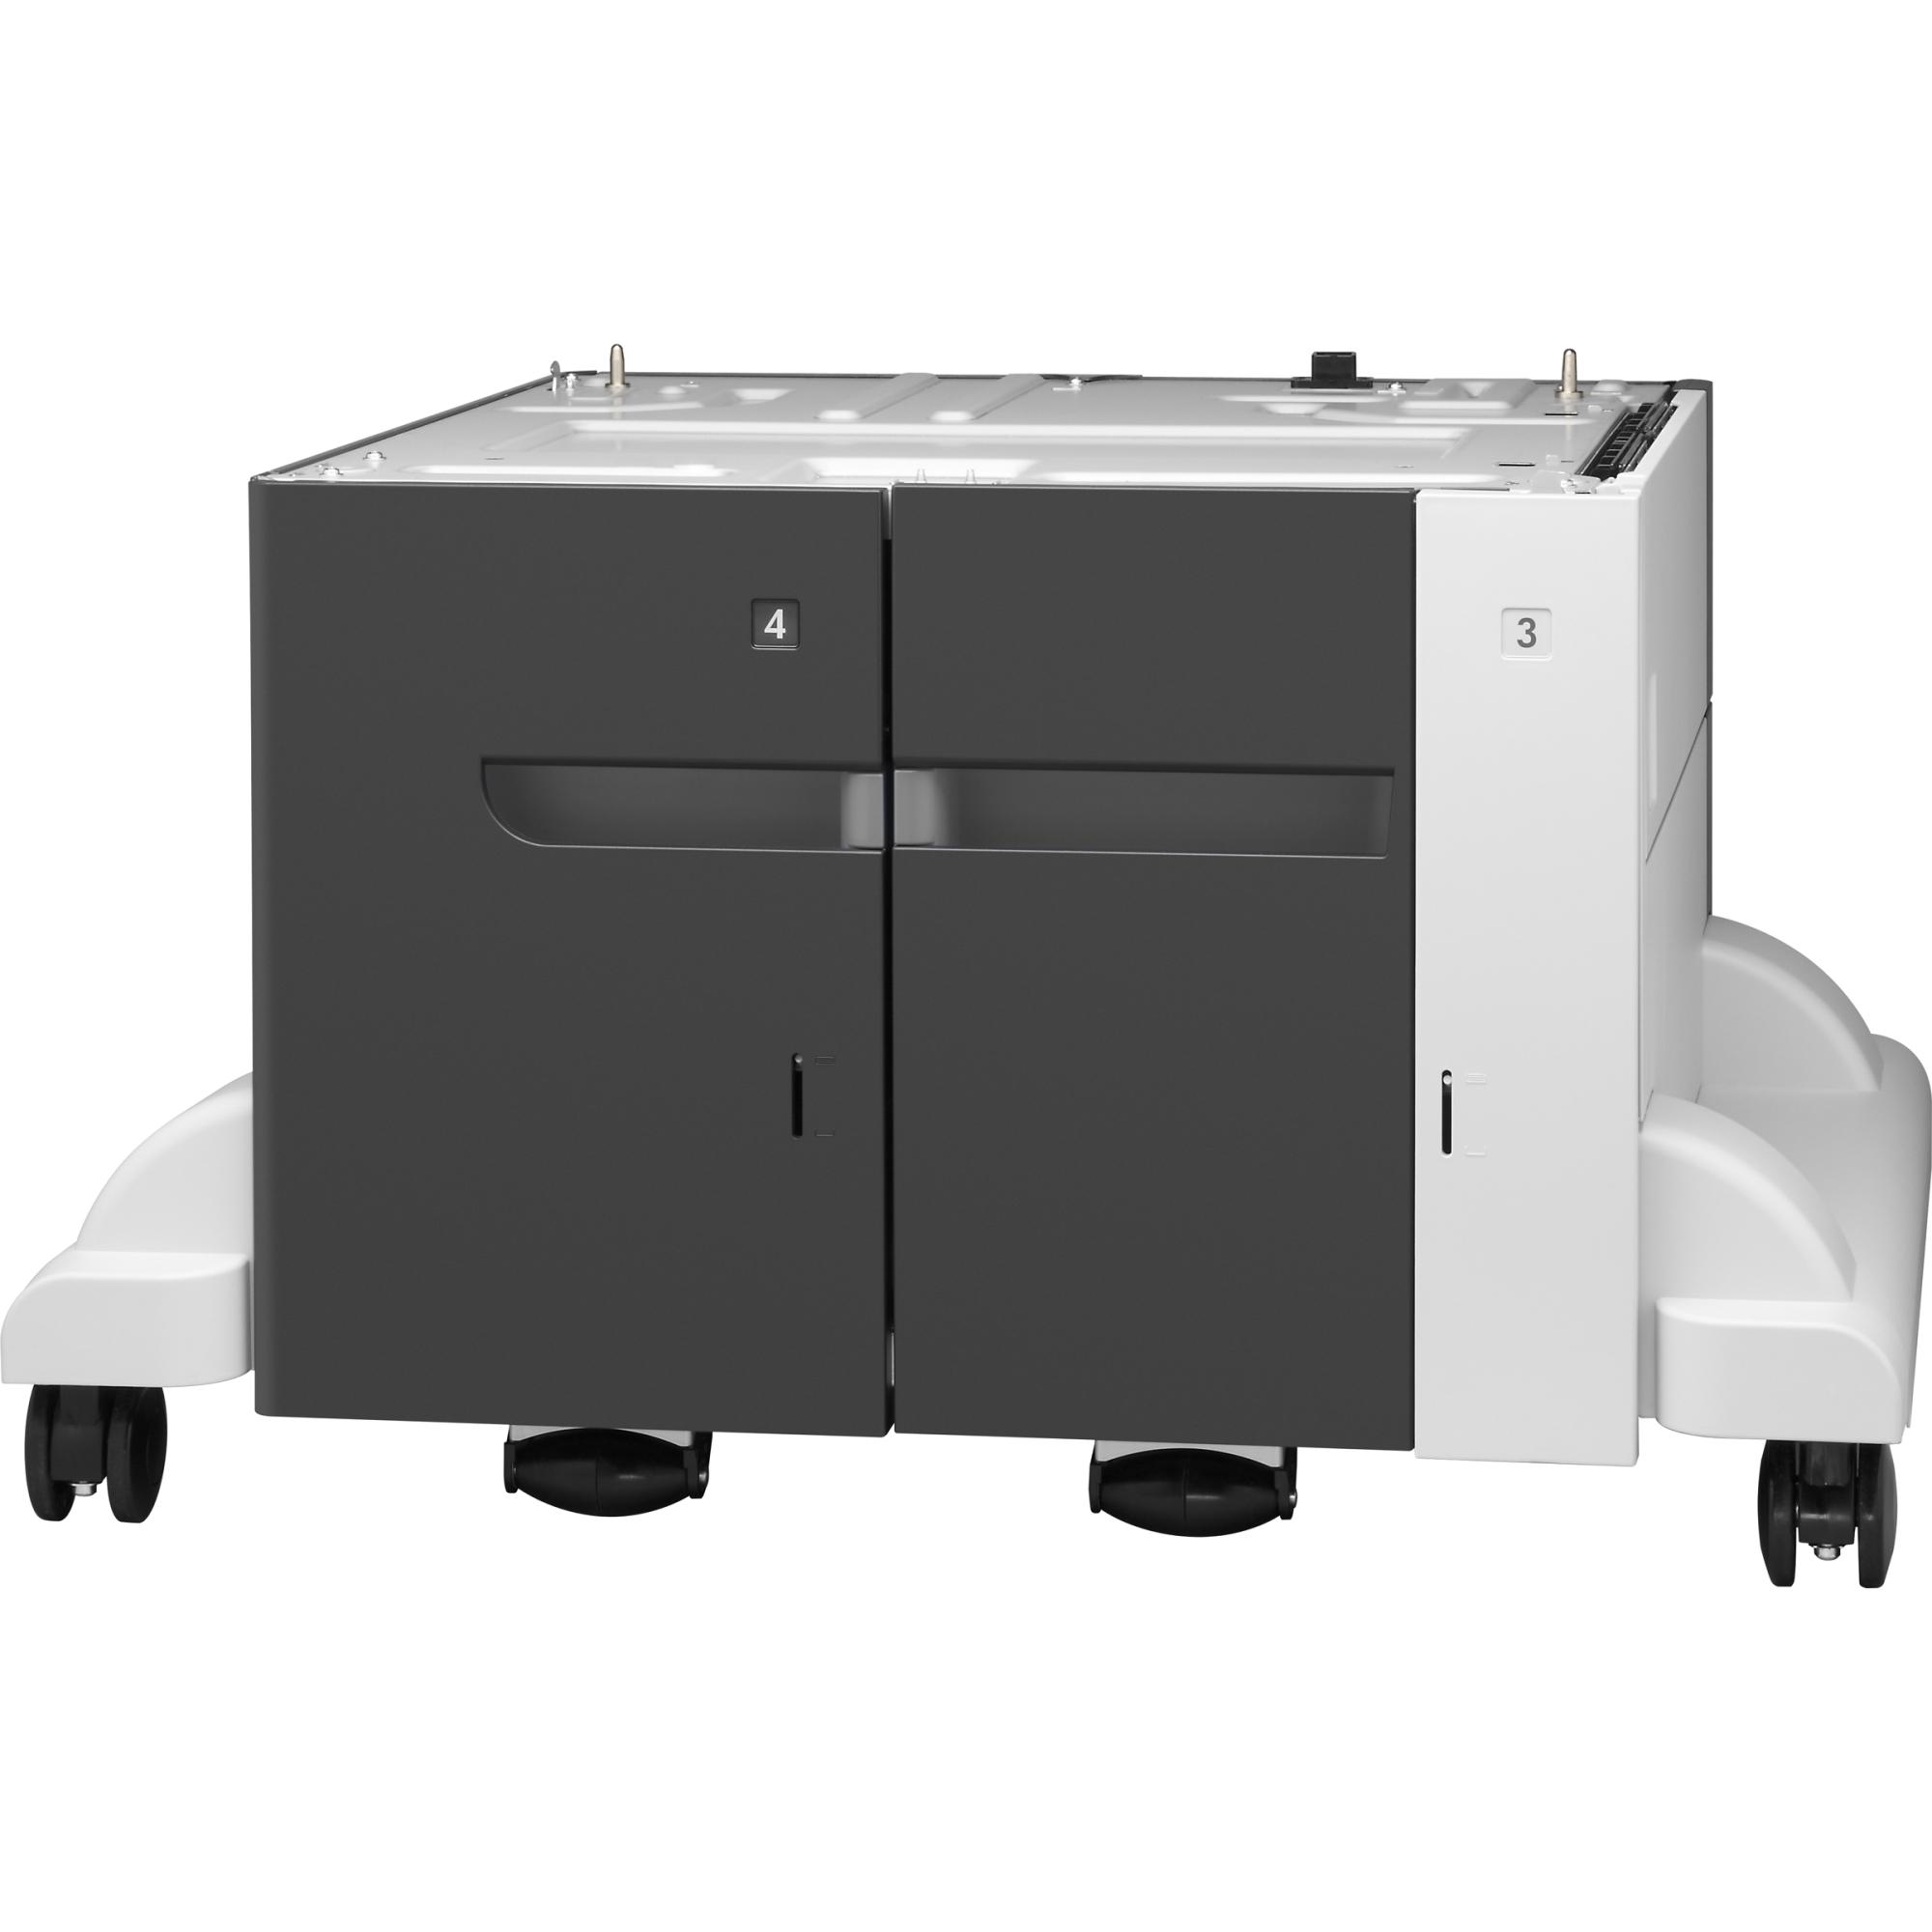 Media tray / feeder - 3500 sheets - for Color LaserJet 3500 LaserJet Enterprise 700 MFP M725 LaserJet Managed MFP M725